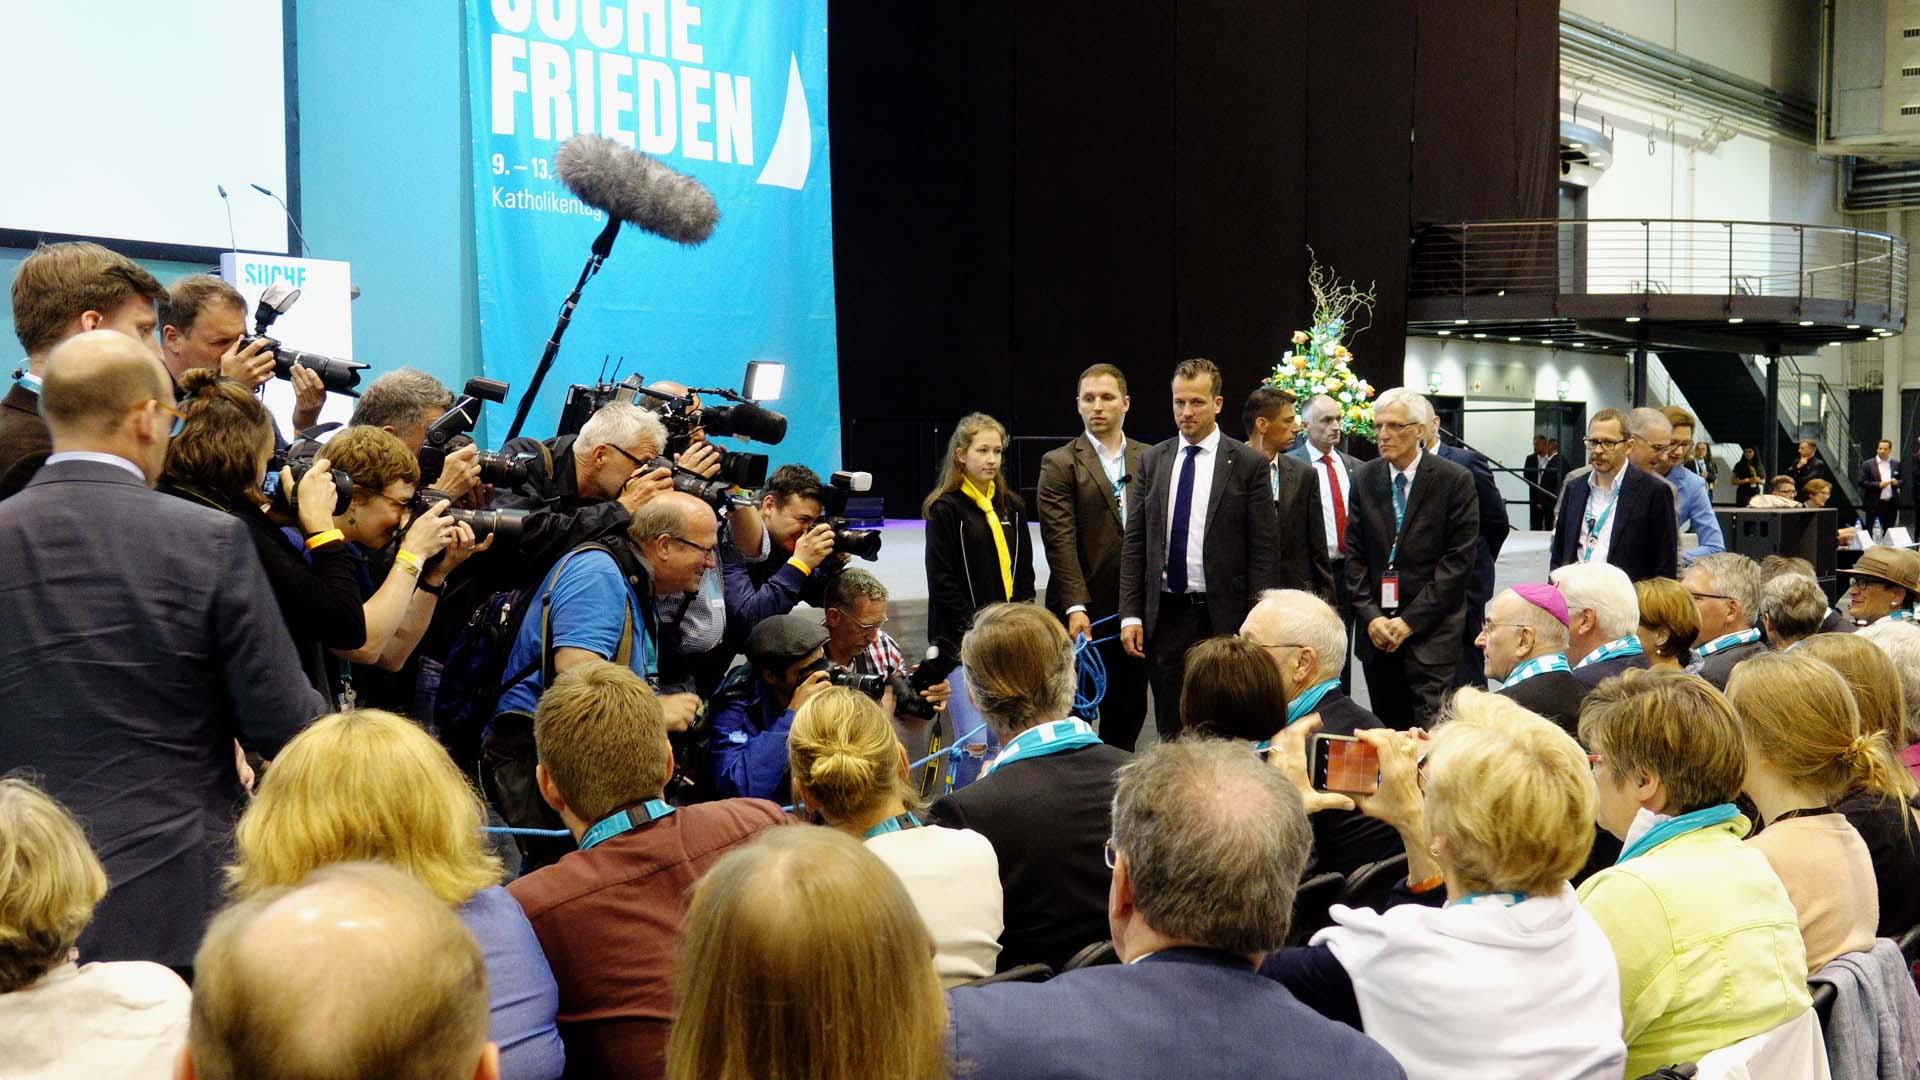 Großes Medieninteresse an Frank-Walter Steinmeier, seiner Frau Elke Büdenbender und dem Bischof von Münster, Felix Genn